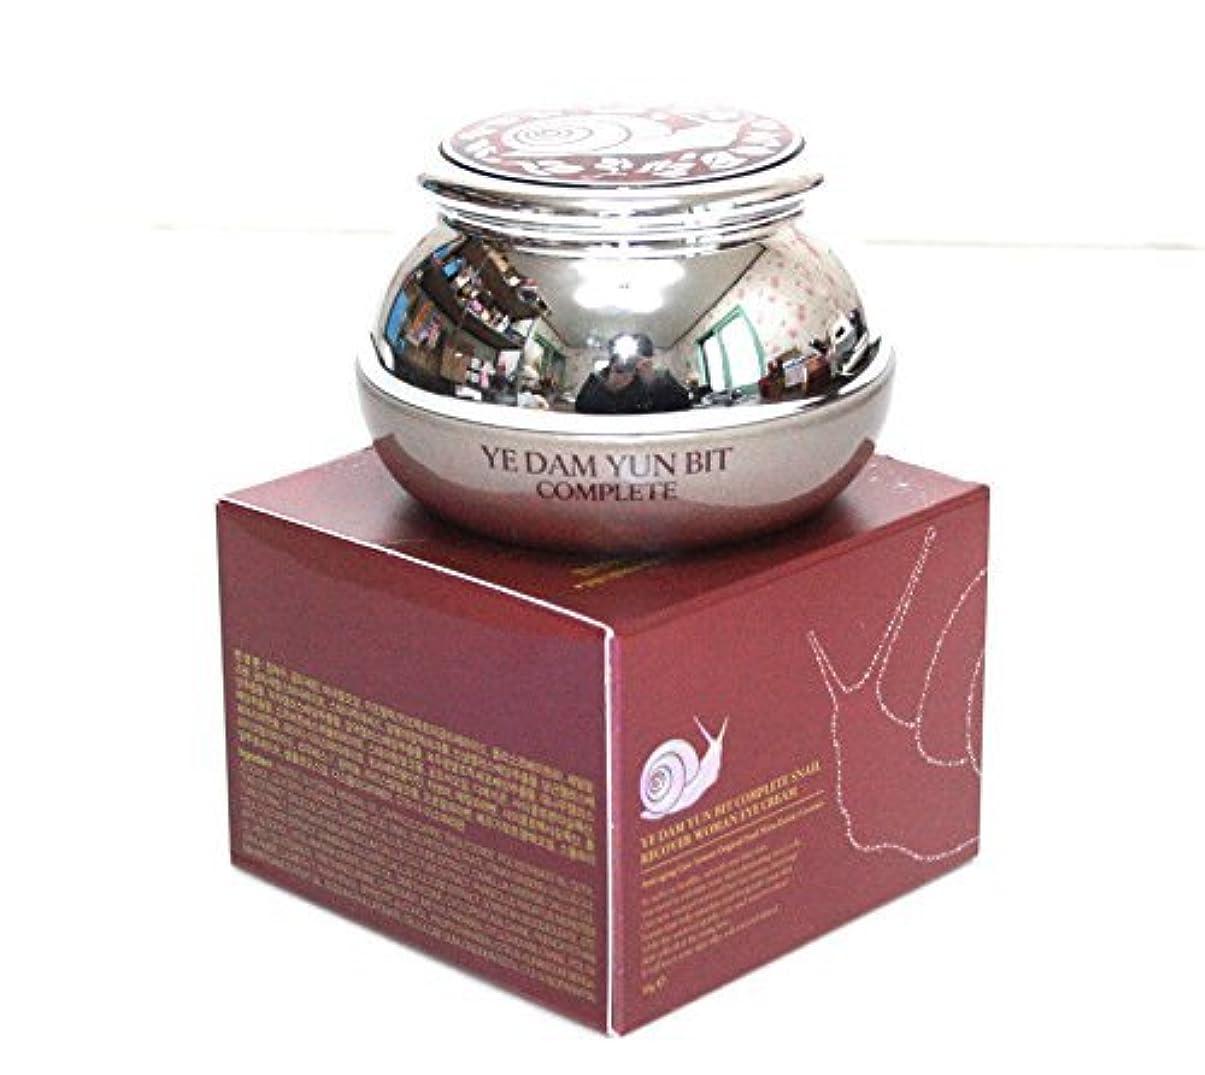 裏切り者マージ指定[YEDAM YUN BIT] スキンが完成カタツムリ回復女性のアイクリーム50ml/韓国の化粧品/COMPLETE Skin Snail Recover Woman Eye Cream 50ml/Korean cosmetics...